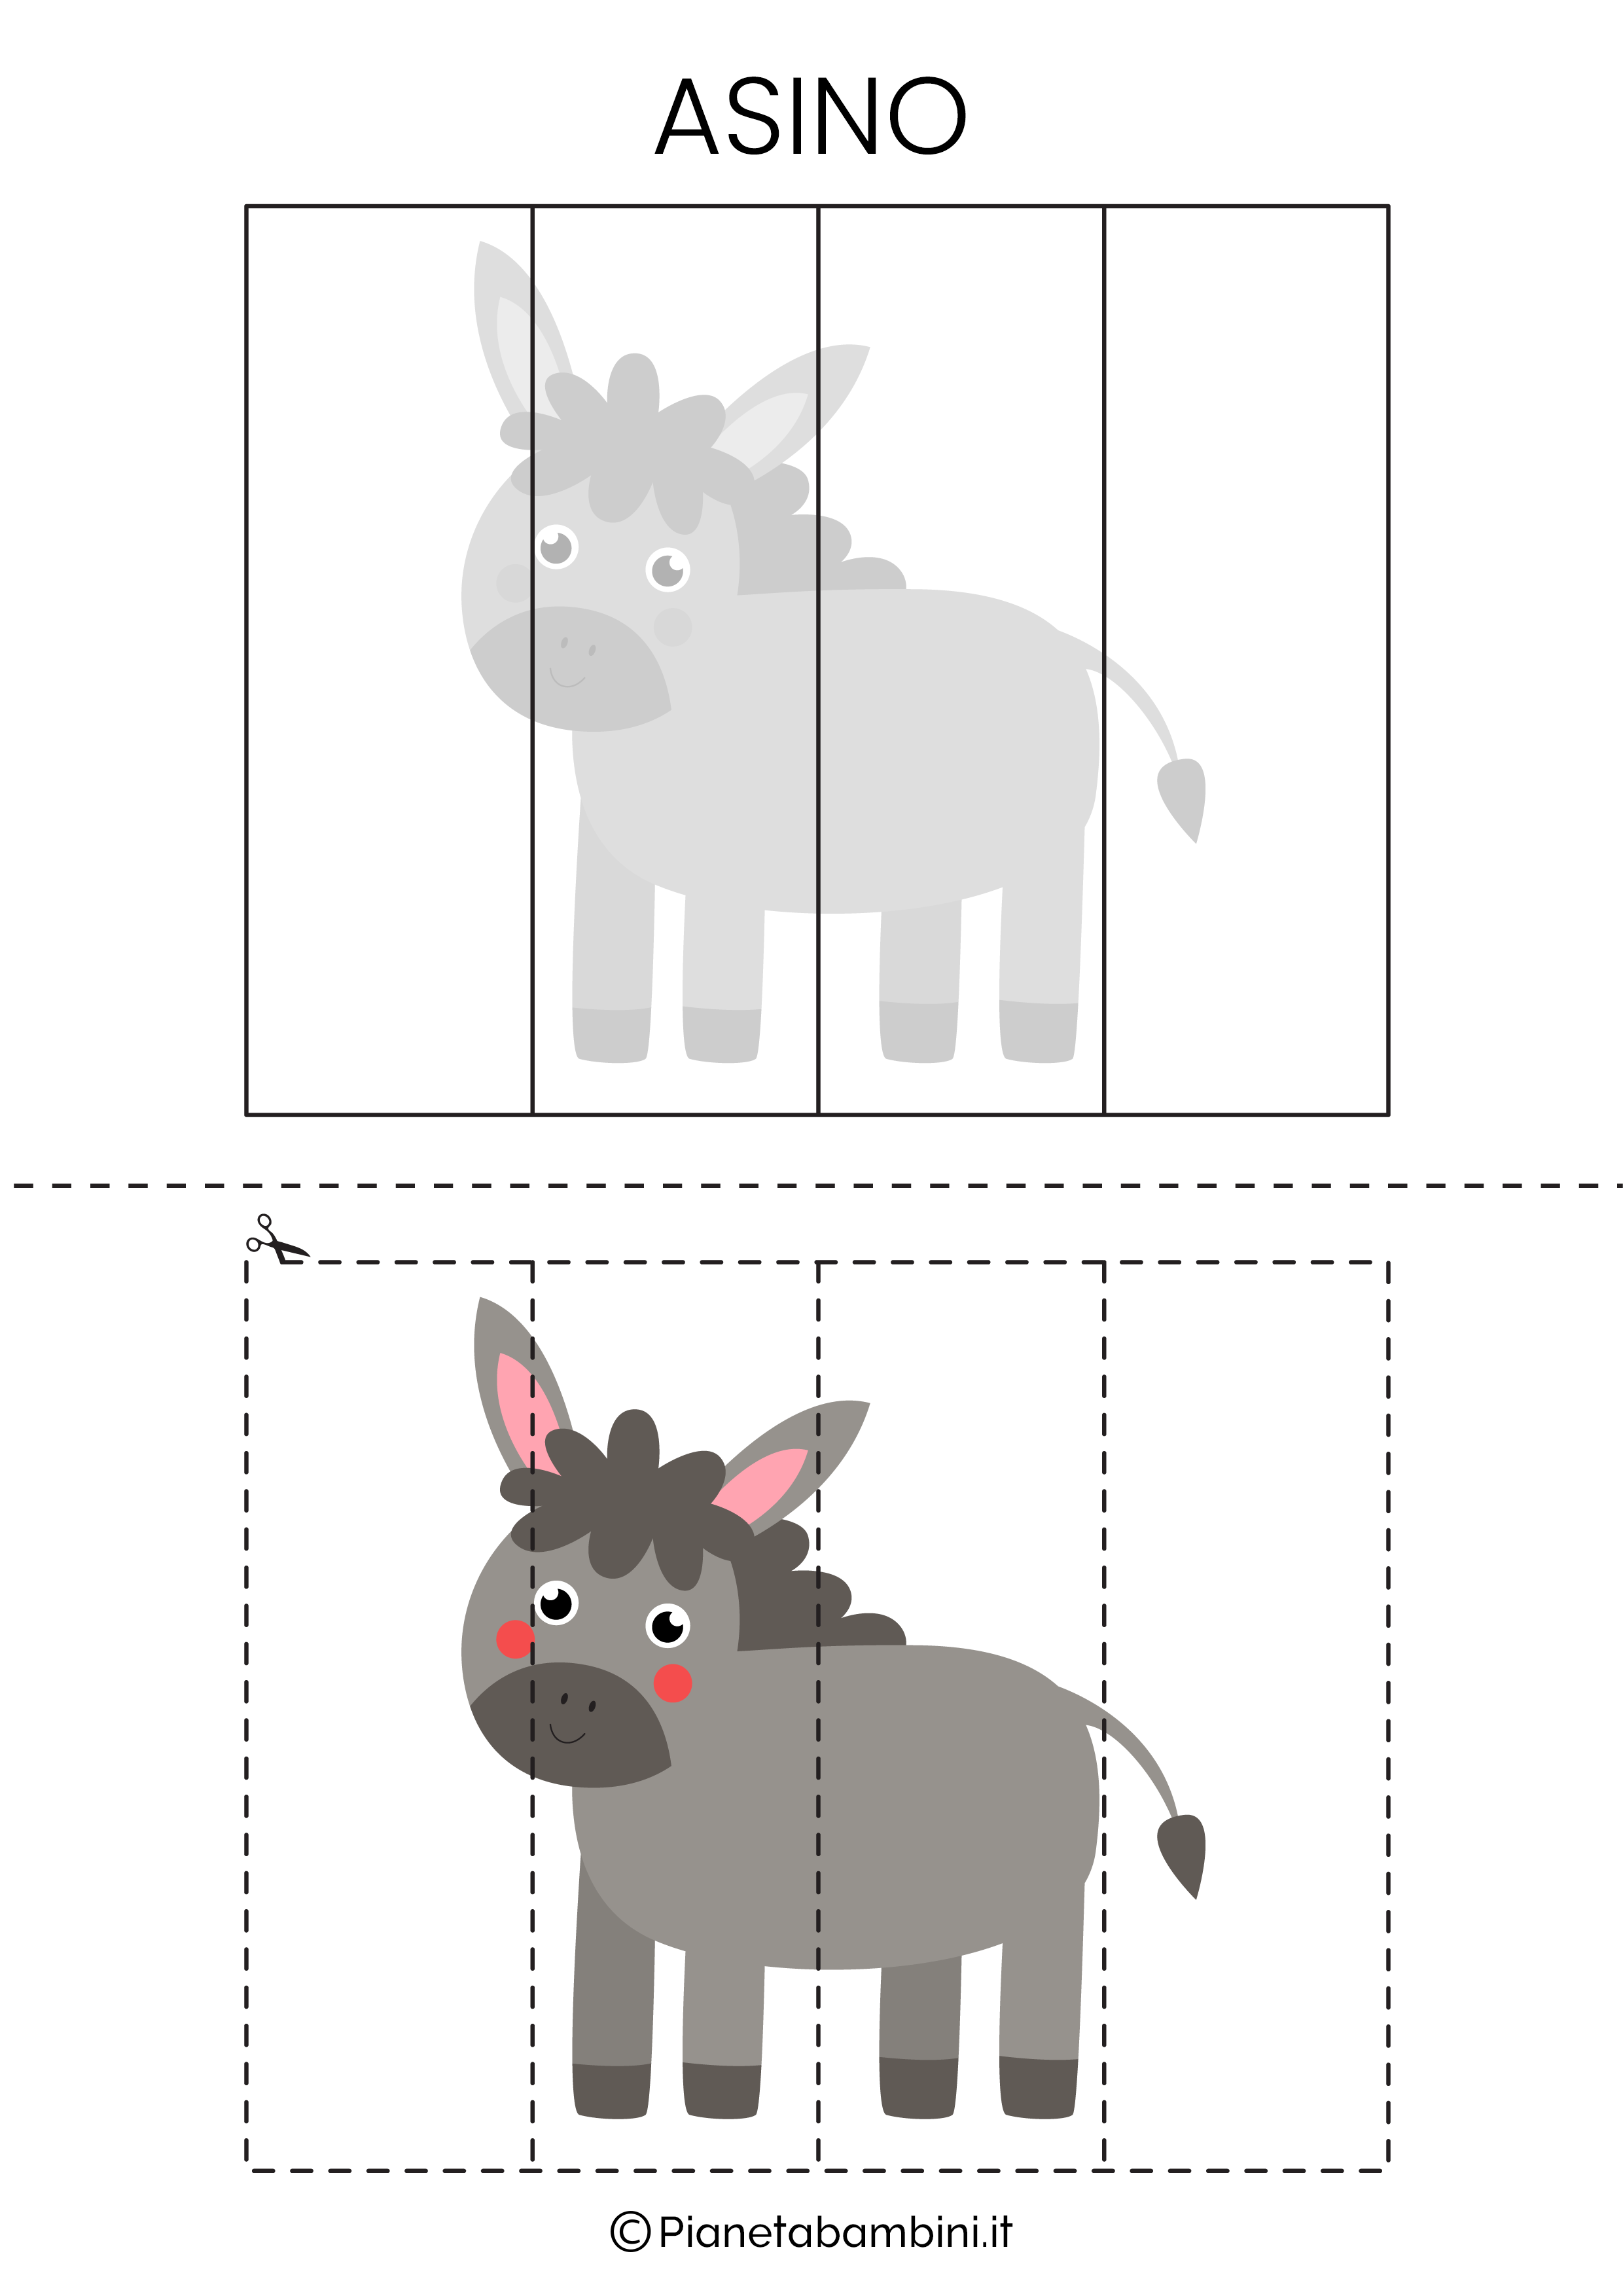 Puzzle dell'asino da 4 pezzi da ritagliare e ricomporre